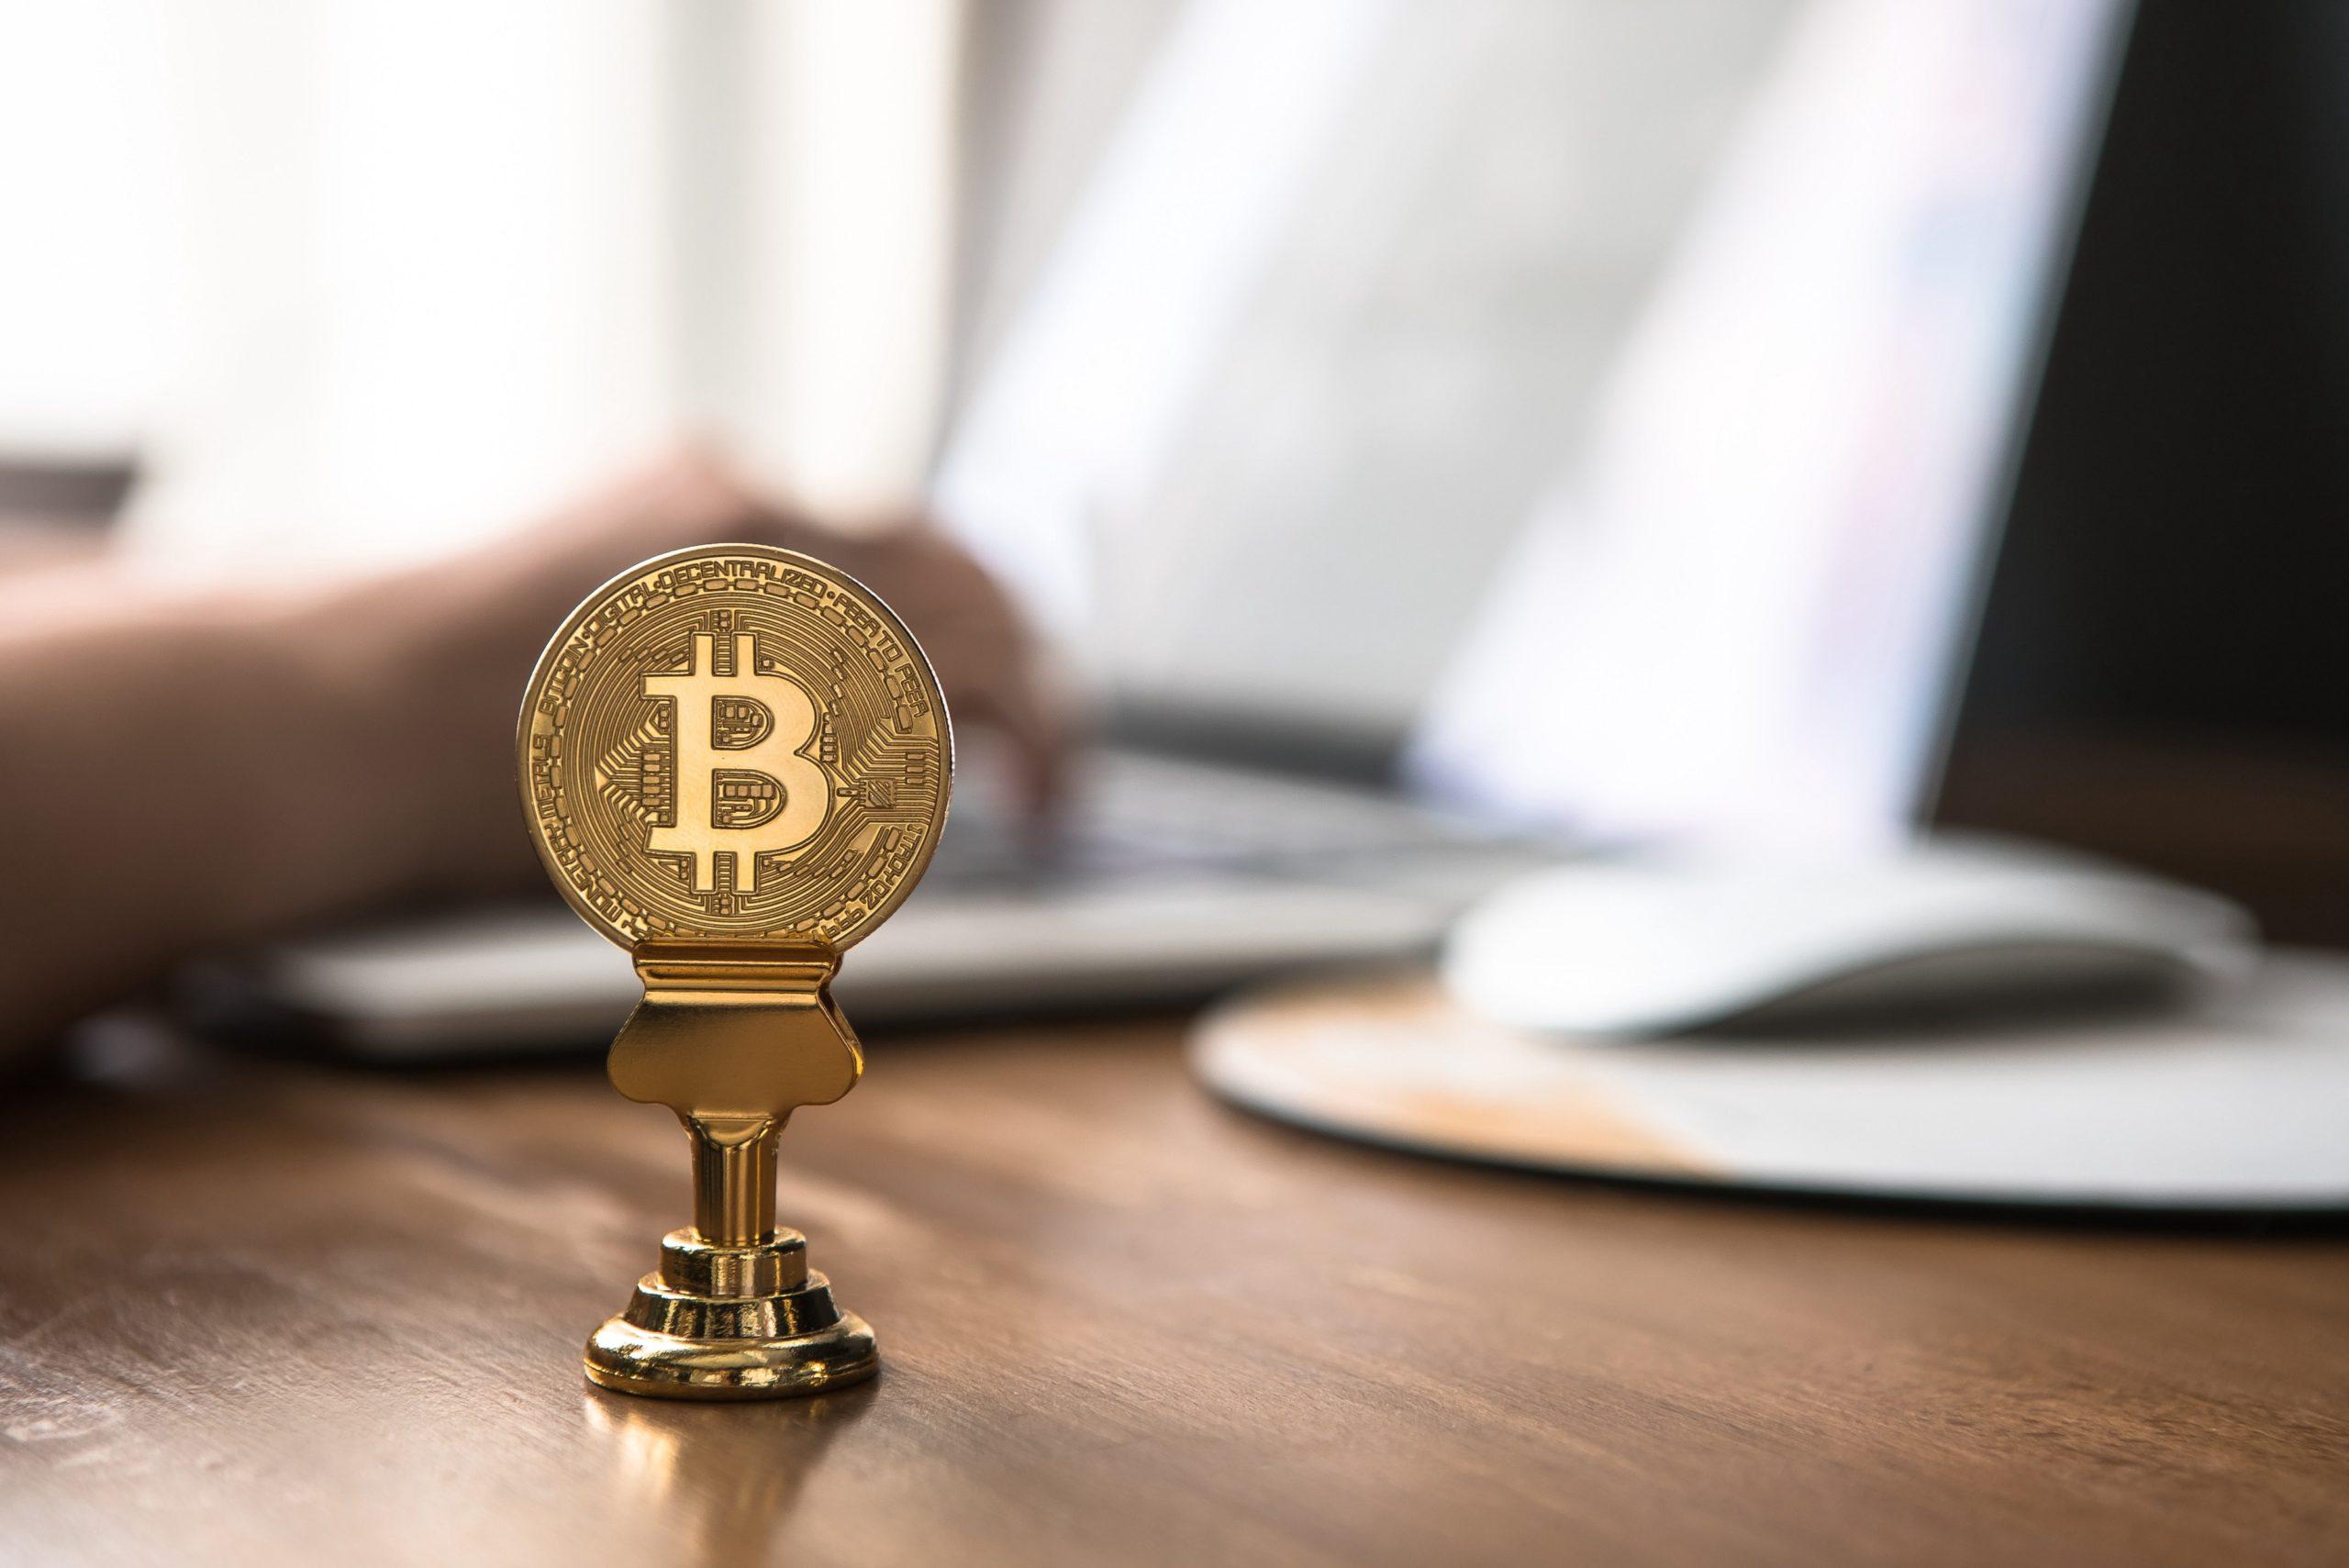 Kripto Yatırım Şirketi Pantera Capitalın CEOsu Bitcoin BTC ve Altcoin Stratejisini Paylaştı scaled